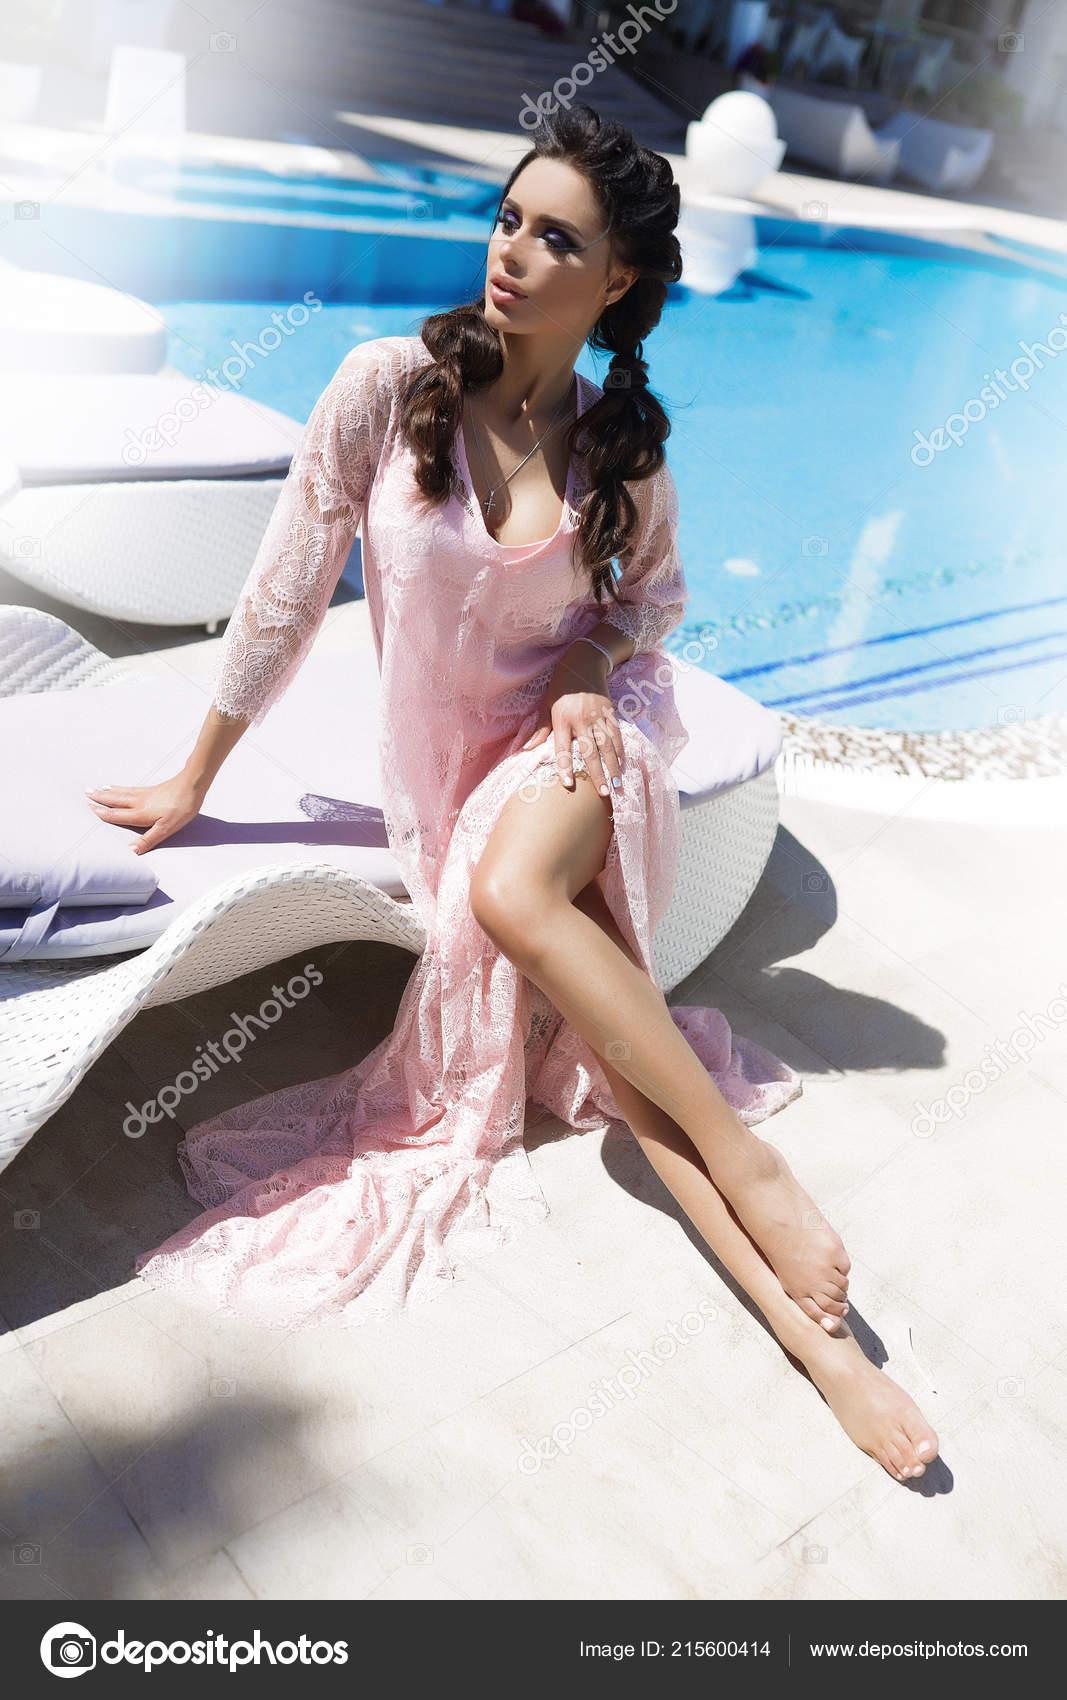 78725bc9d841 Hot Μελαχρινή Κάθεται Στην Ξαπλώστρα Στη Σύντομη Φως Φόρεμα Ροζ ...